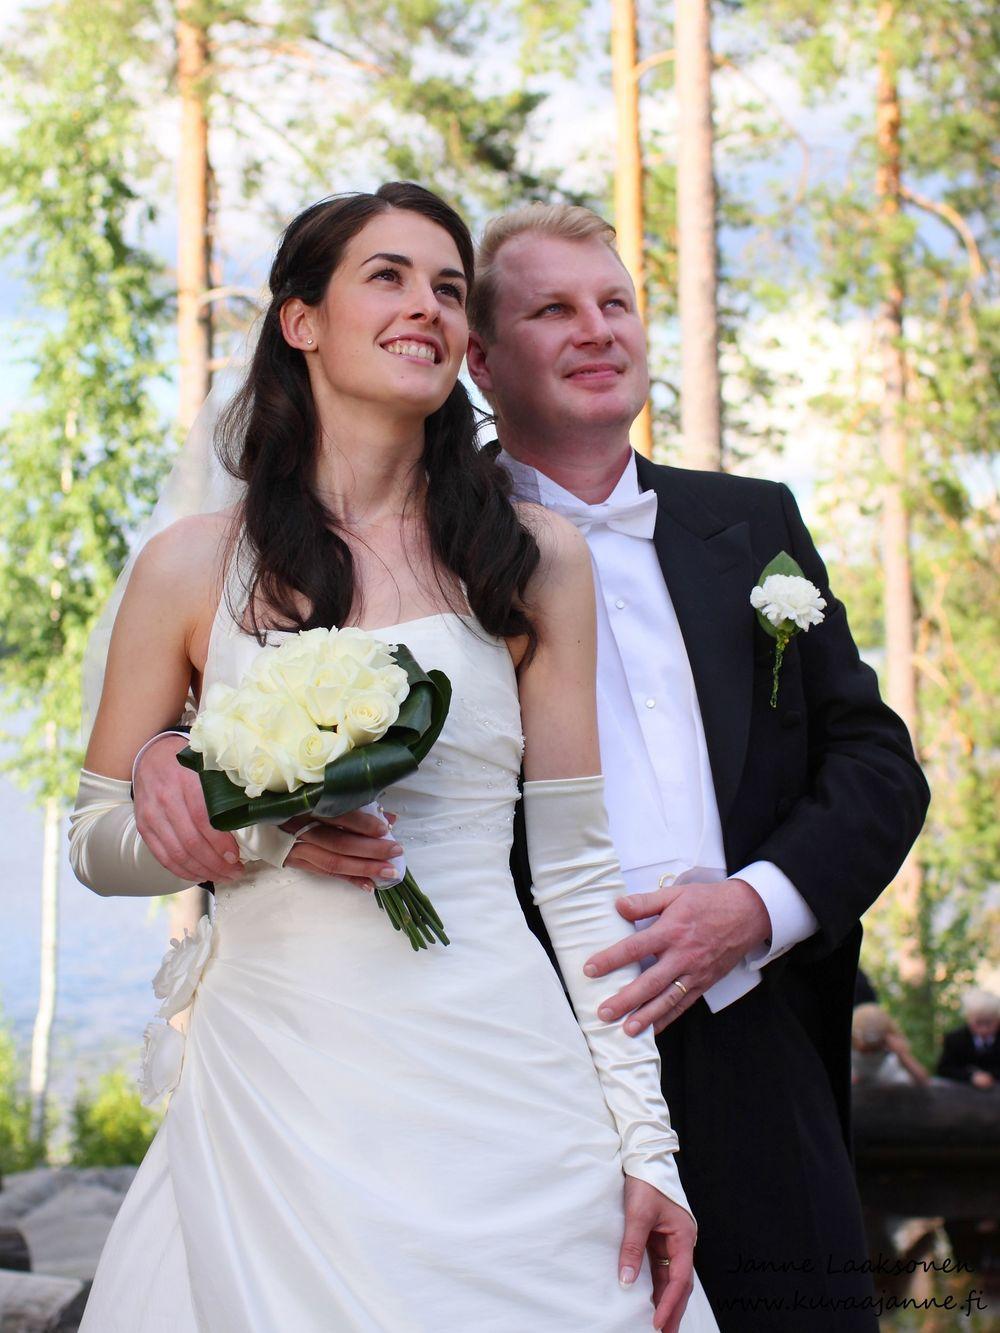 Koivulahden Rapukartano elokuussa. Morsiuspari ja hääpotretit. Janne Laaksonen, Riihimäki